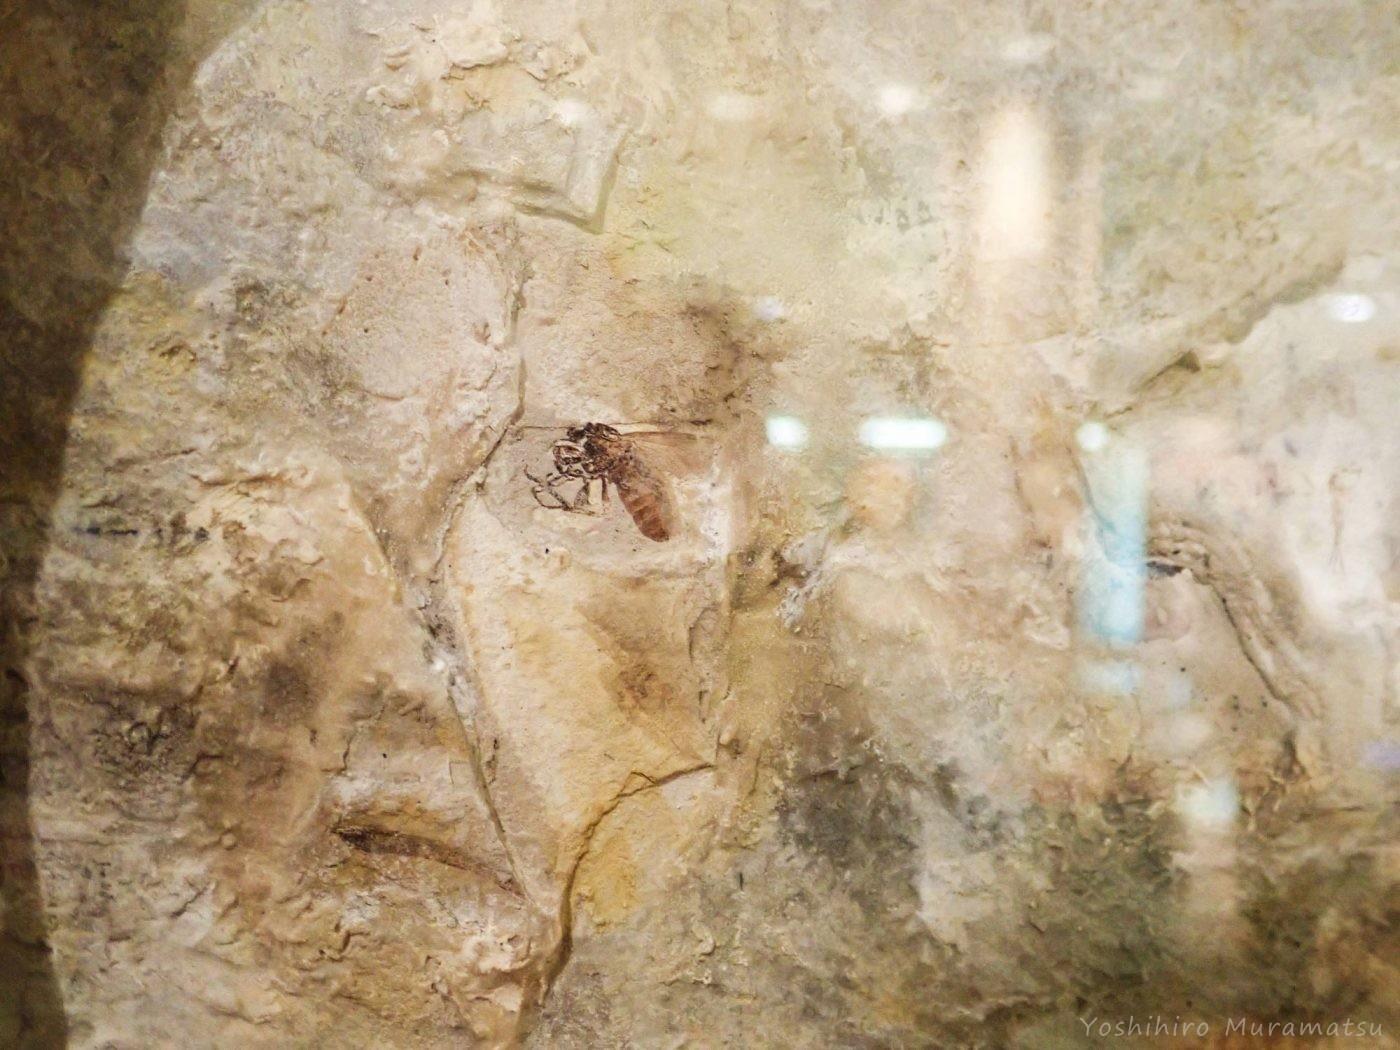 昆虫化石の写真